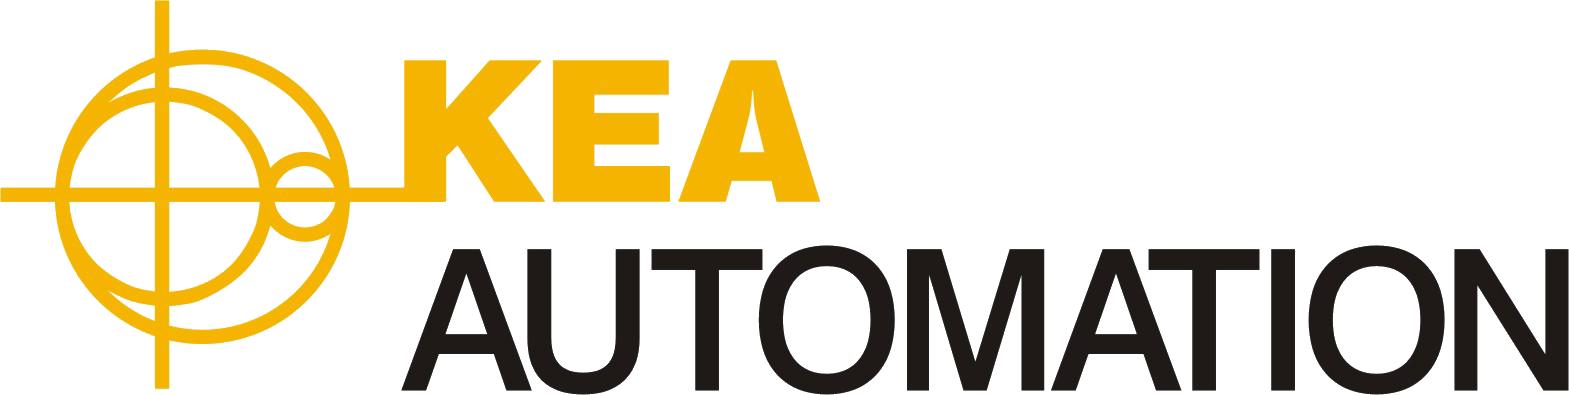 KEA Automation